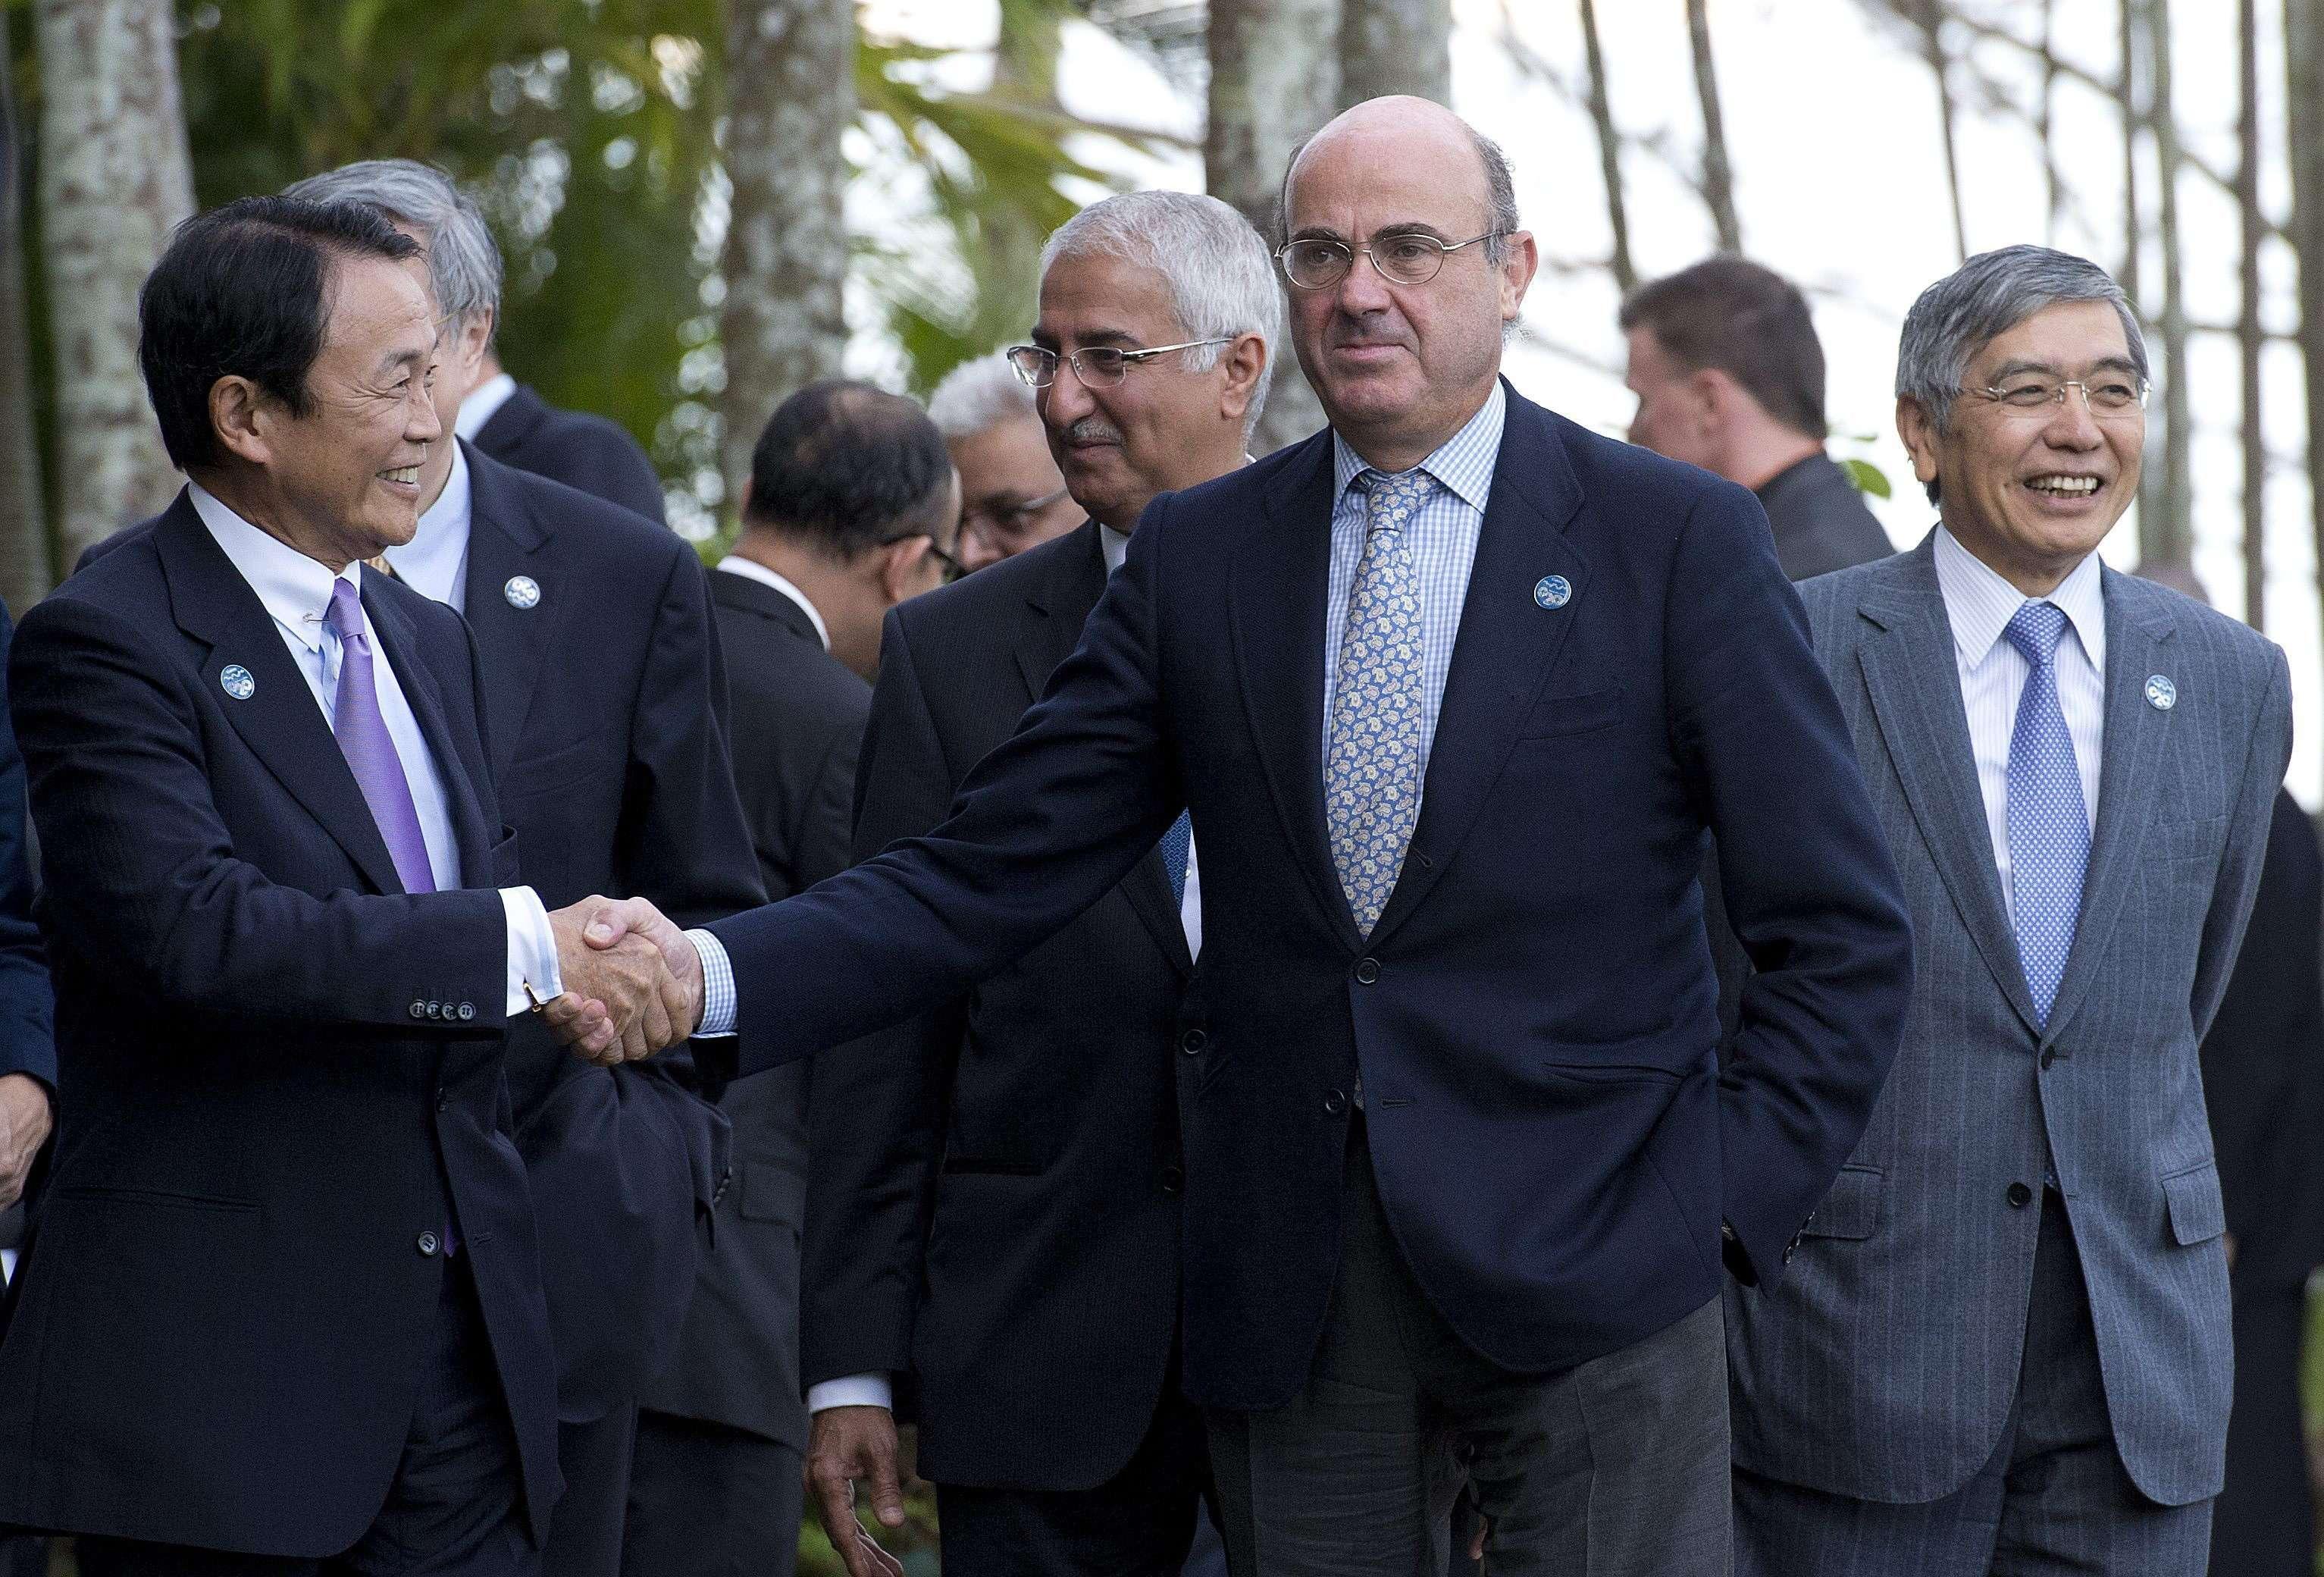 El ministro japonés de Finanzas, Taro Aso (izq), saluda al ministro español de Economía, Luis de Guindos (dhca), durante la reunión del G20 en la ciudad australiana de Cairns. Foto: EFE